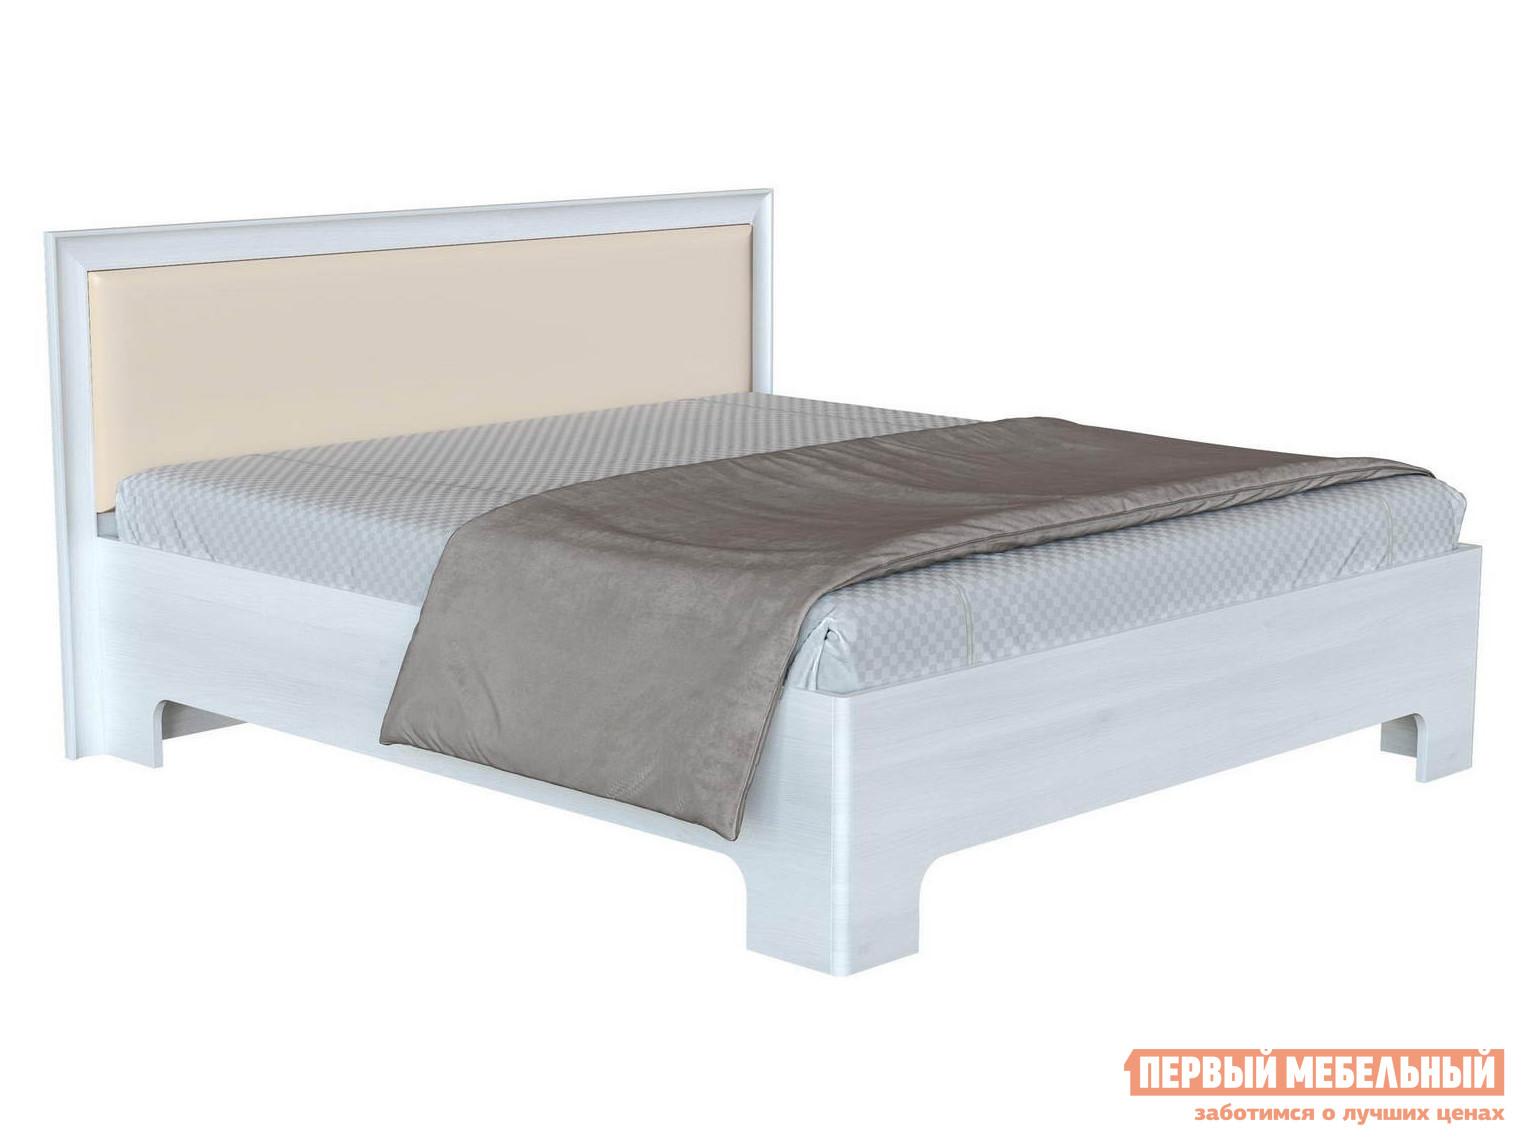 Полутороспальная кровать Первый Мебельный Прато 1-1,5 полутороспальная кровать первый мебельный кровать ненси 1 4м